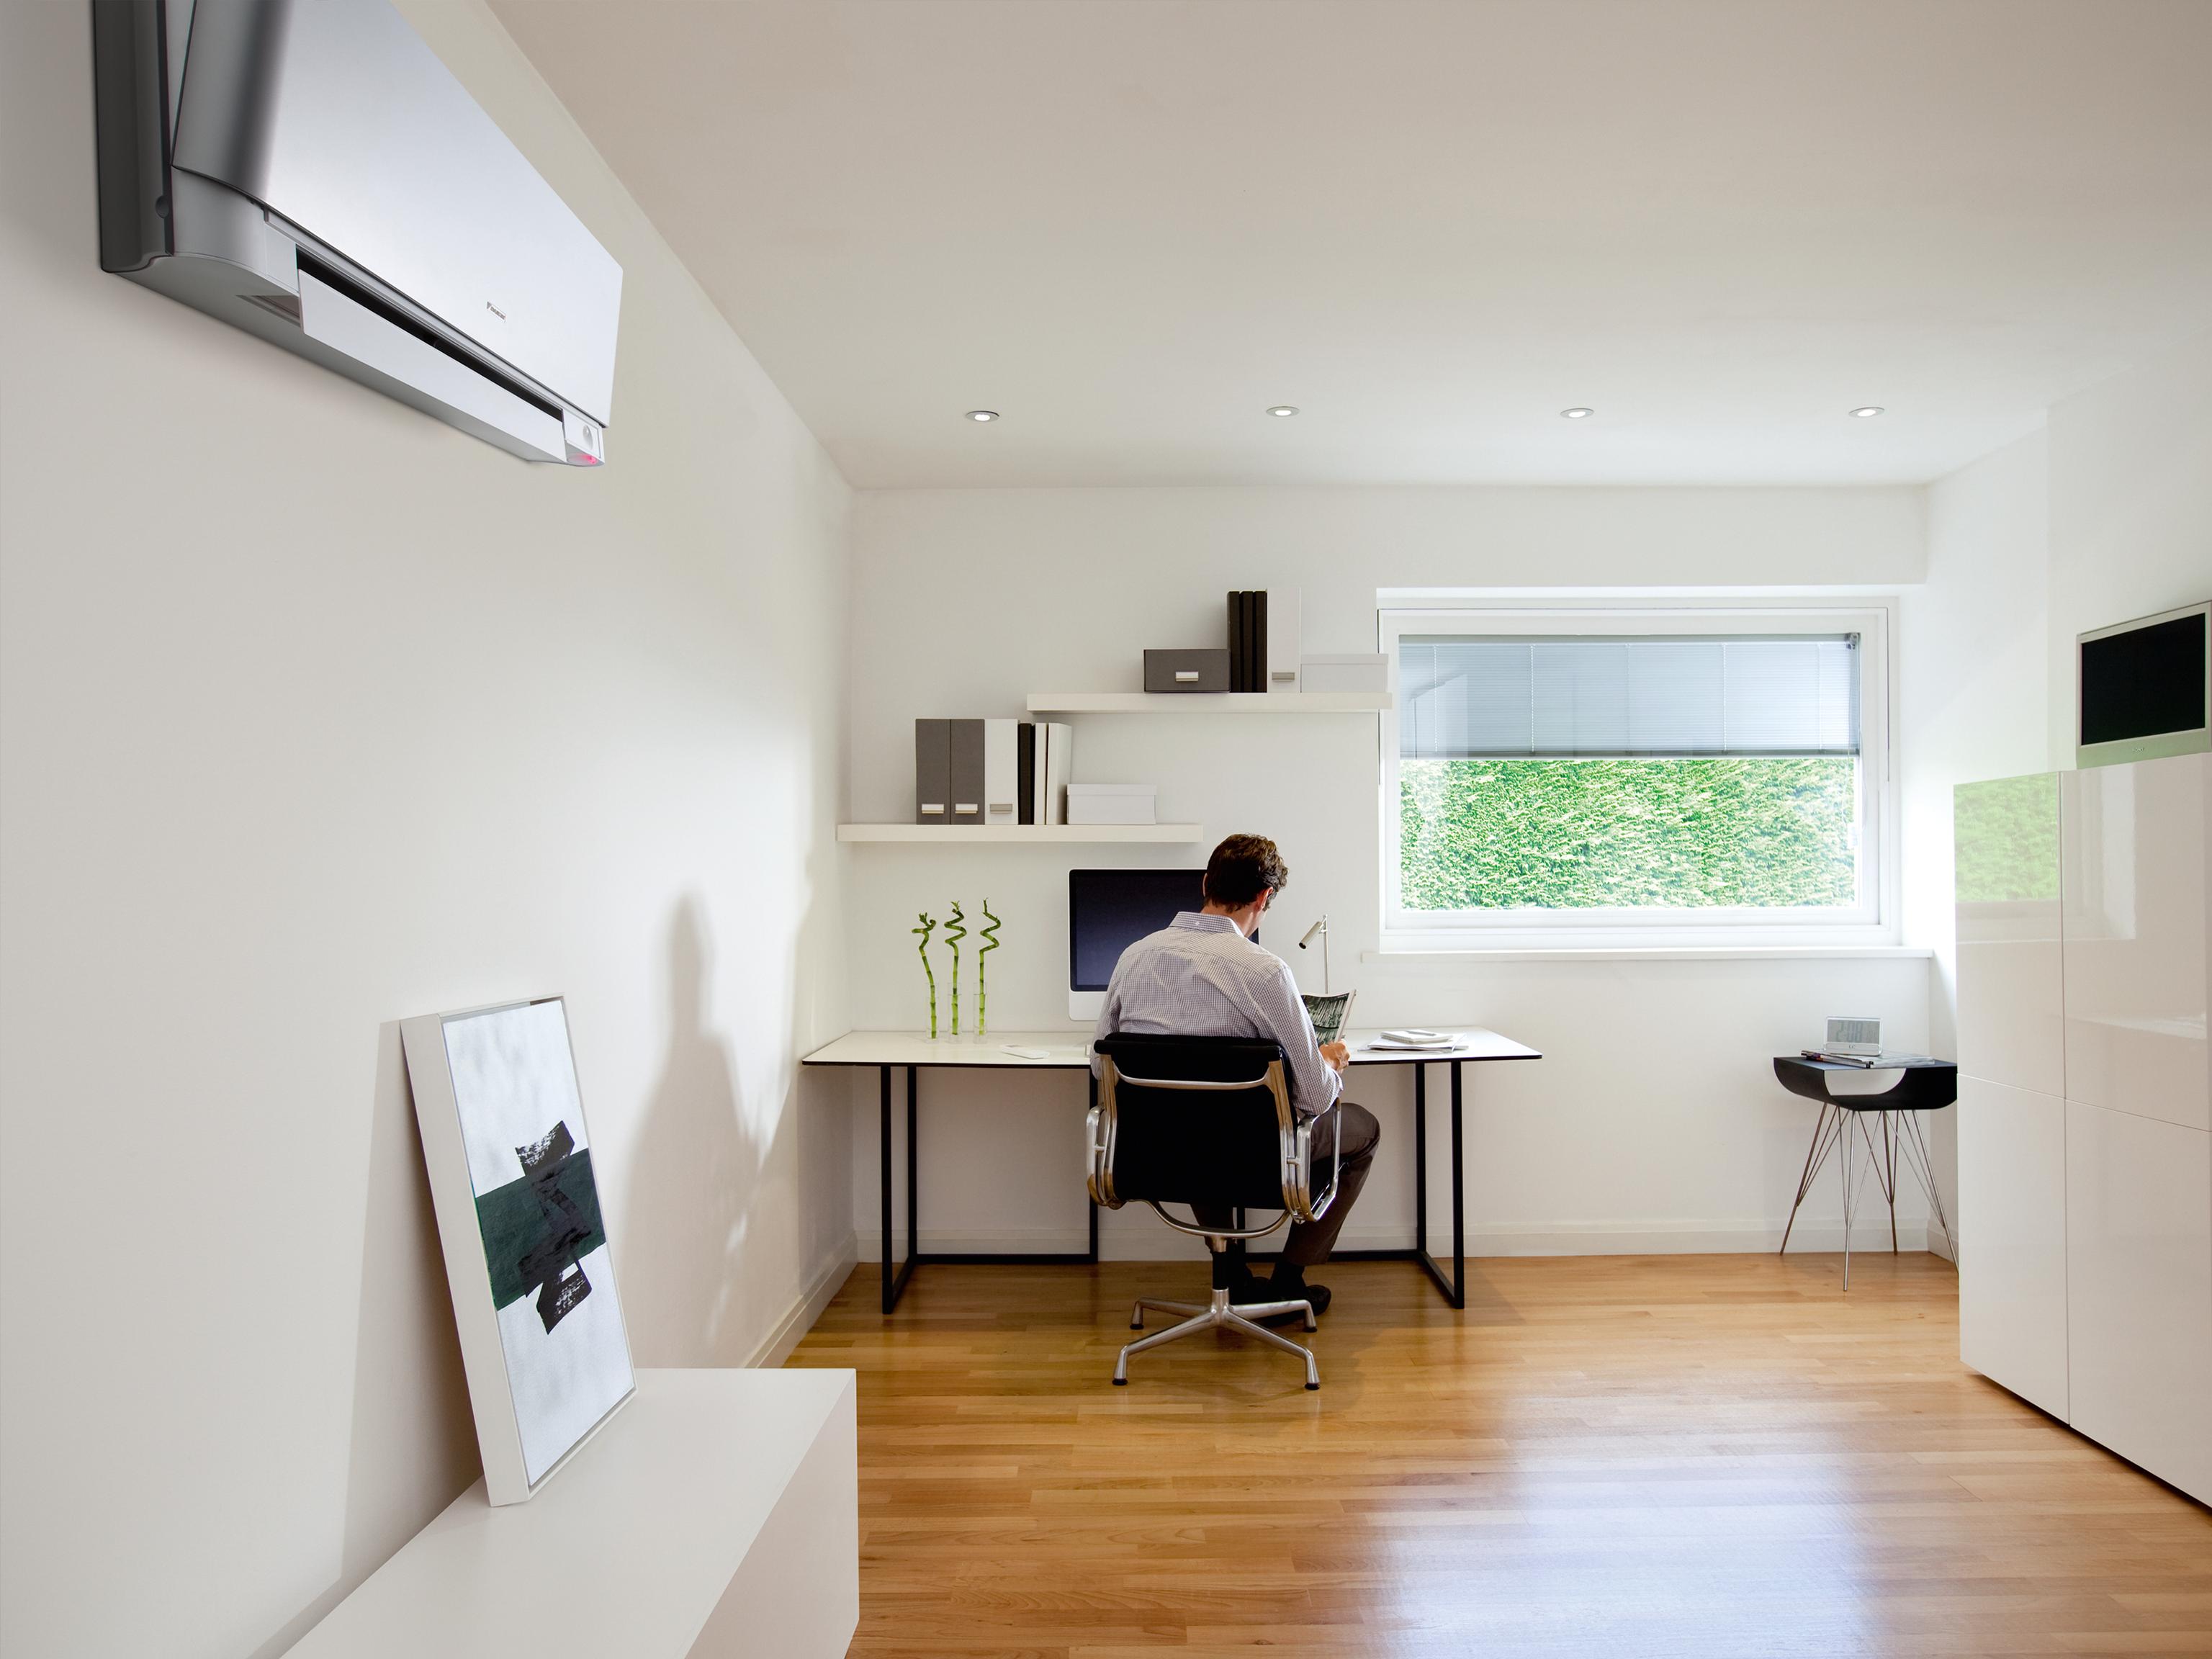 Airco Slaapkamer Inbouwen : Airconditioning airconditioning en bedrijfskoeling installatie